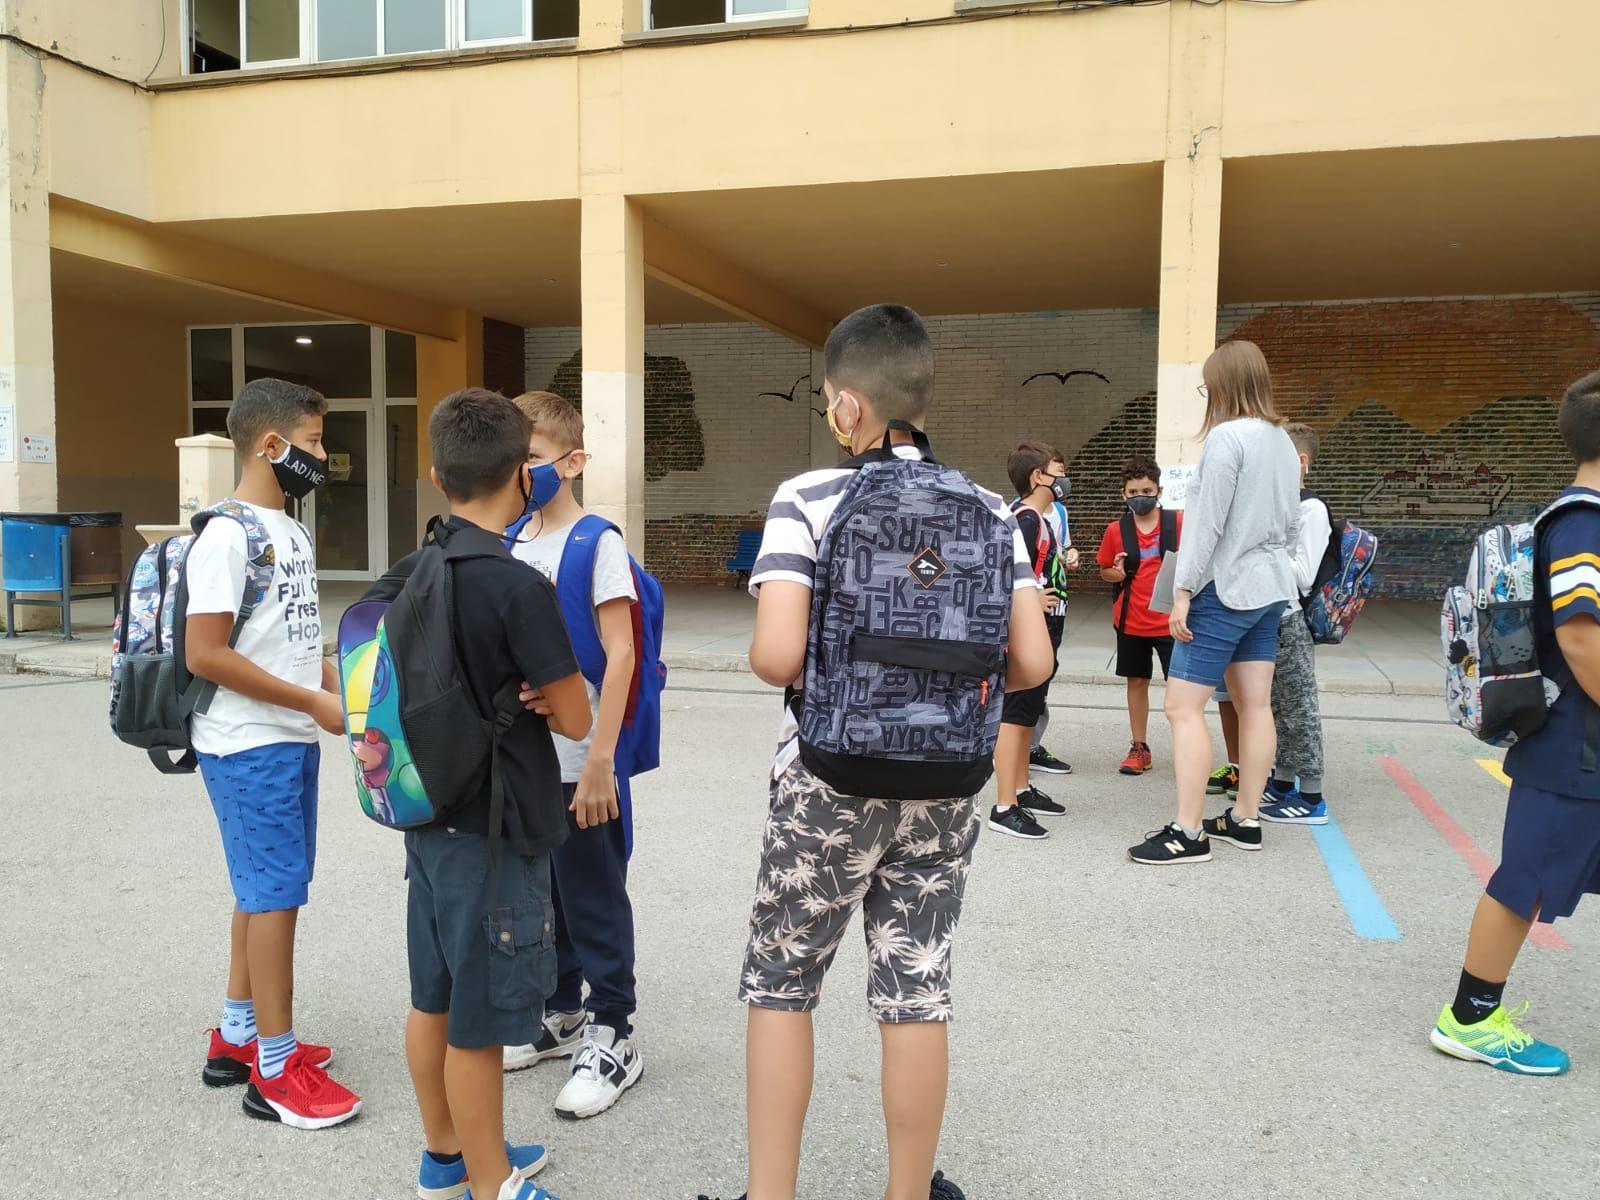 Primer dia de curs a Manresa